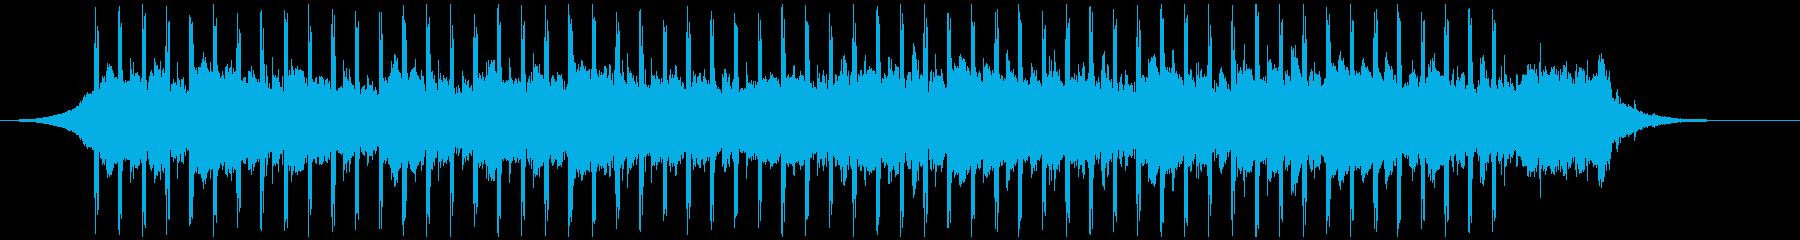 カンファレンスミュージック(短)の再生済みの波形